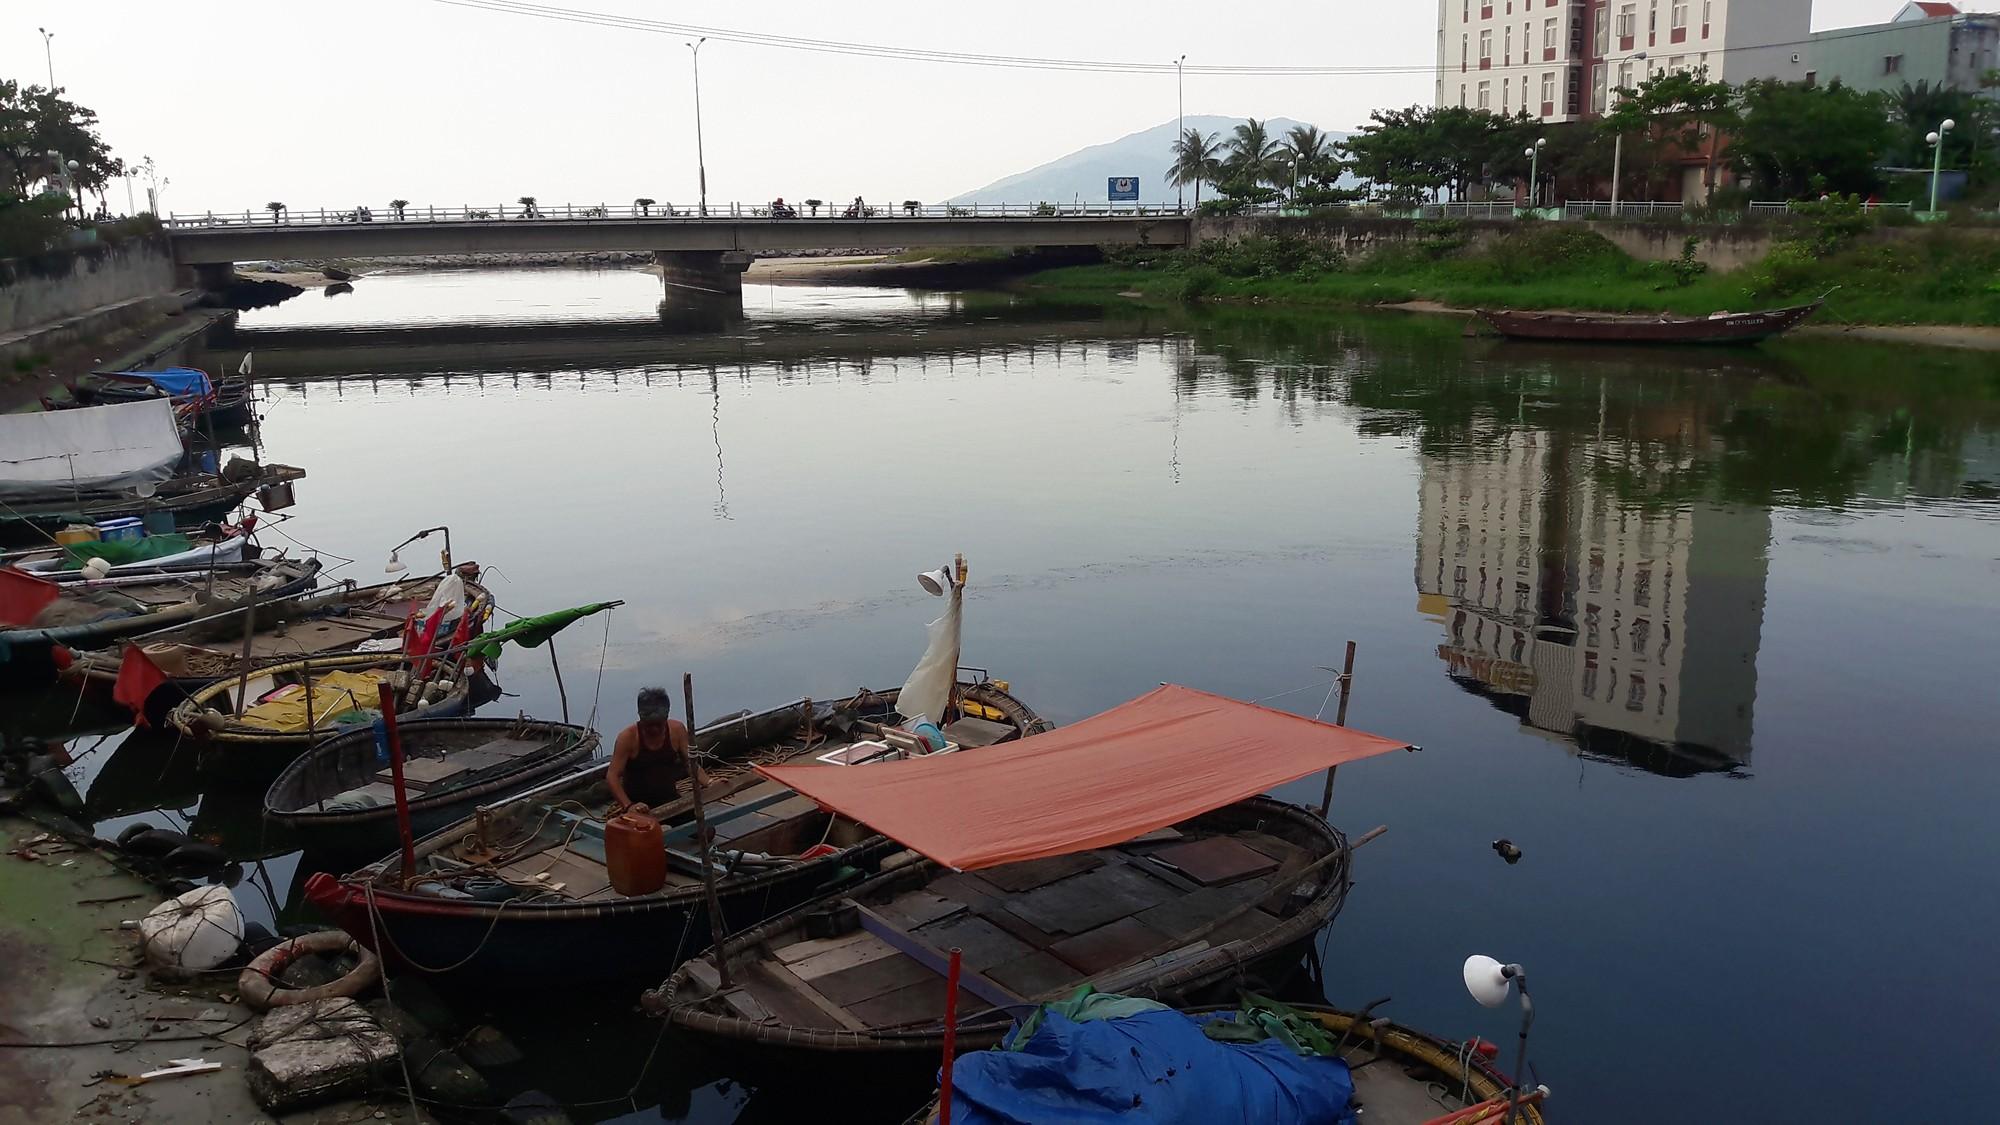 Nước thải đen ngòm, hôi thối lại tuôn ào ạt sông Phú Lộc, biển Đà Nẵng dịp nghỉ lễ - Ảnh 4.